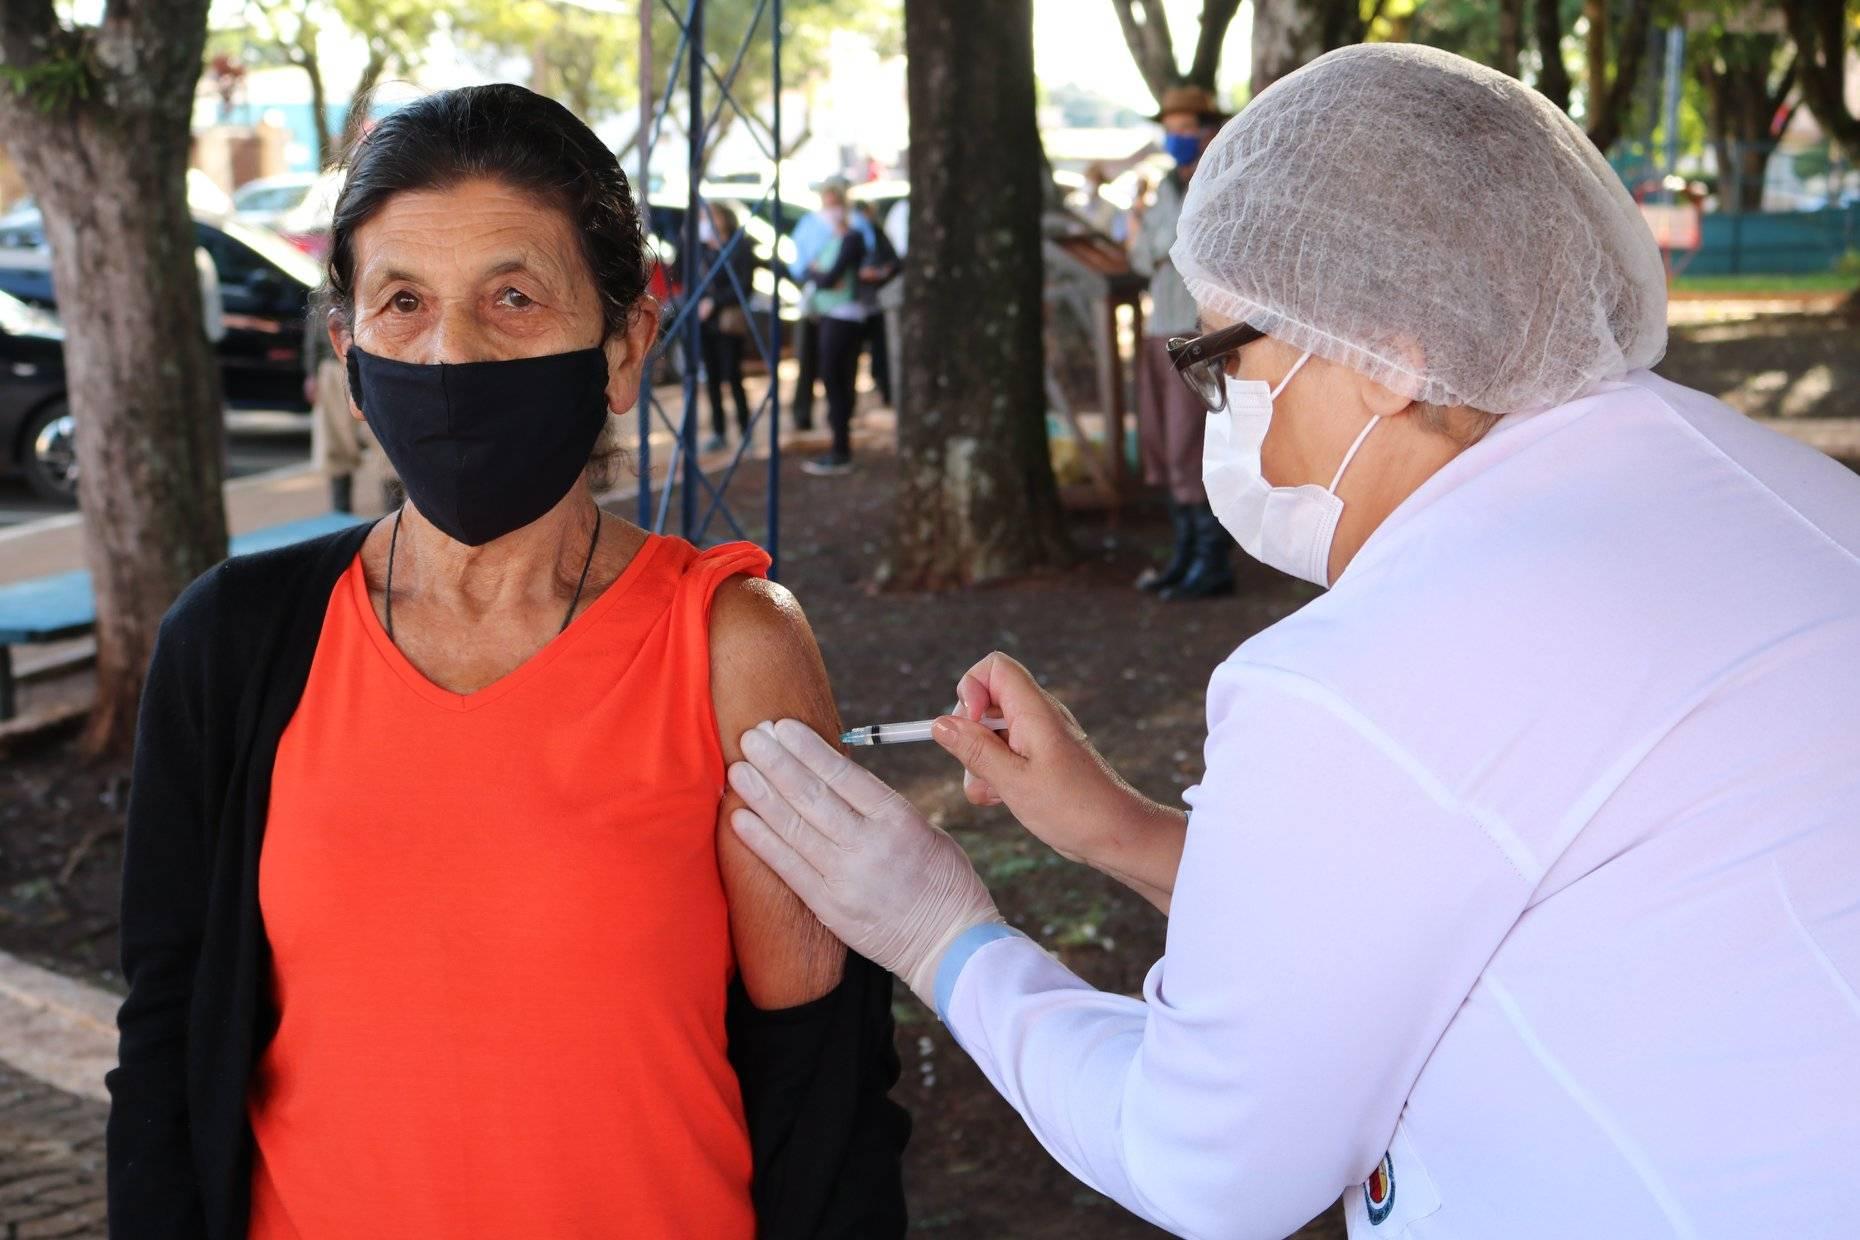 Santo Antônio das Missões inicia vacinação contra a covid de pessoas acima de 60 anos